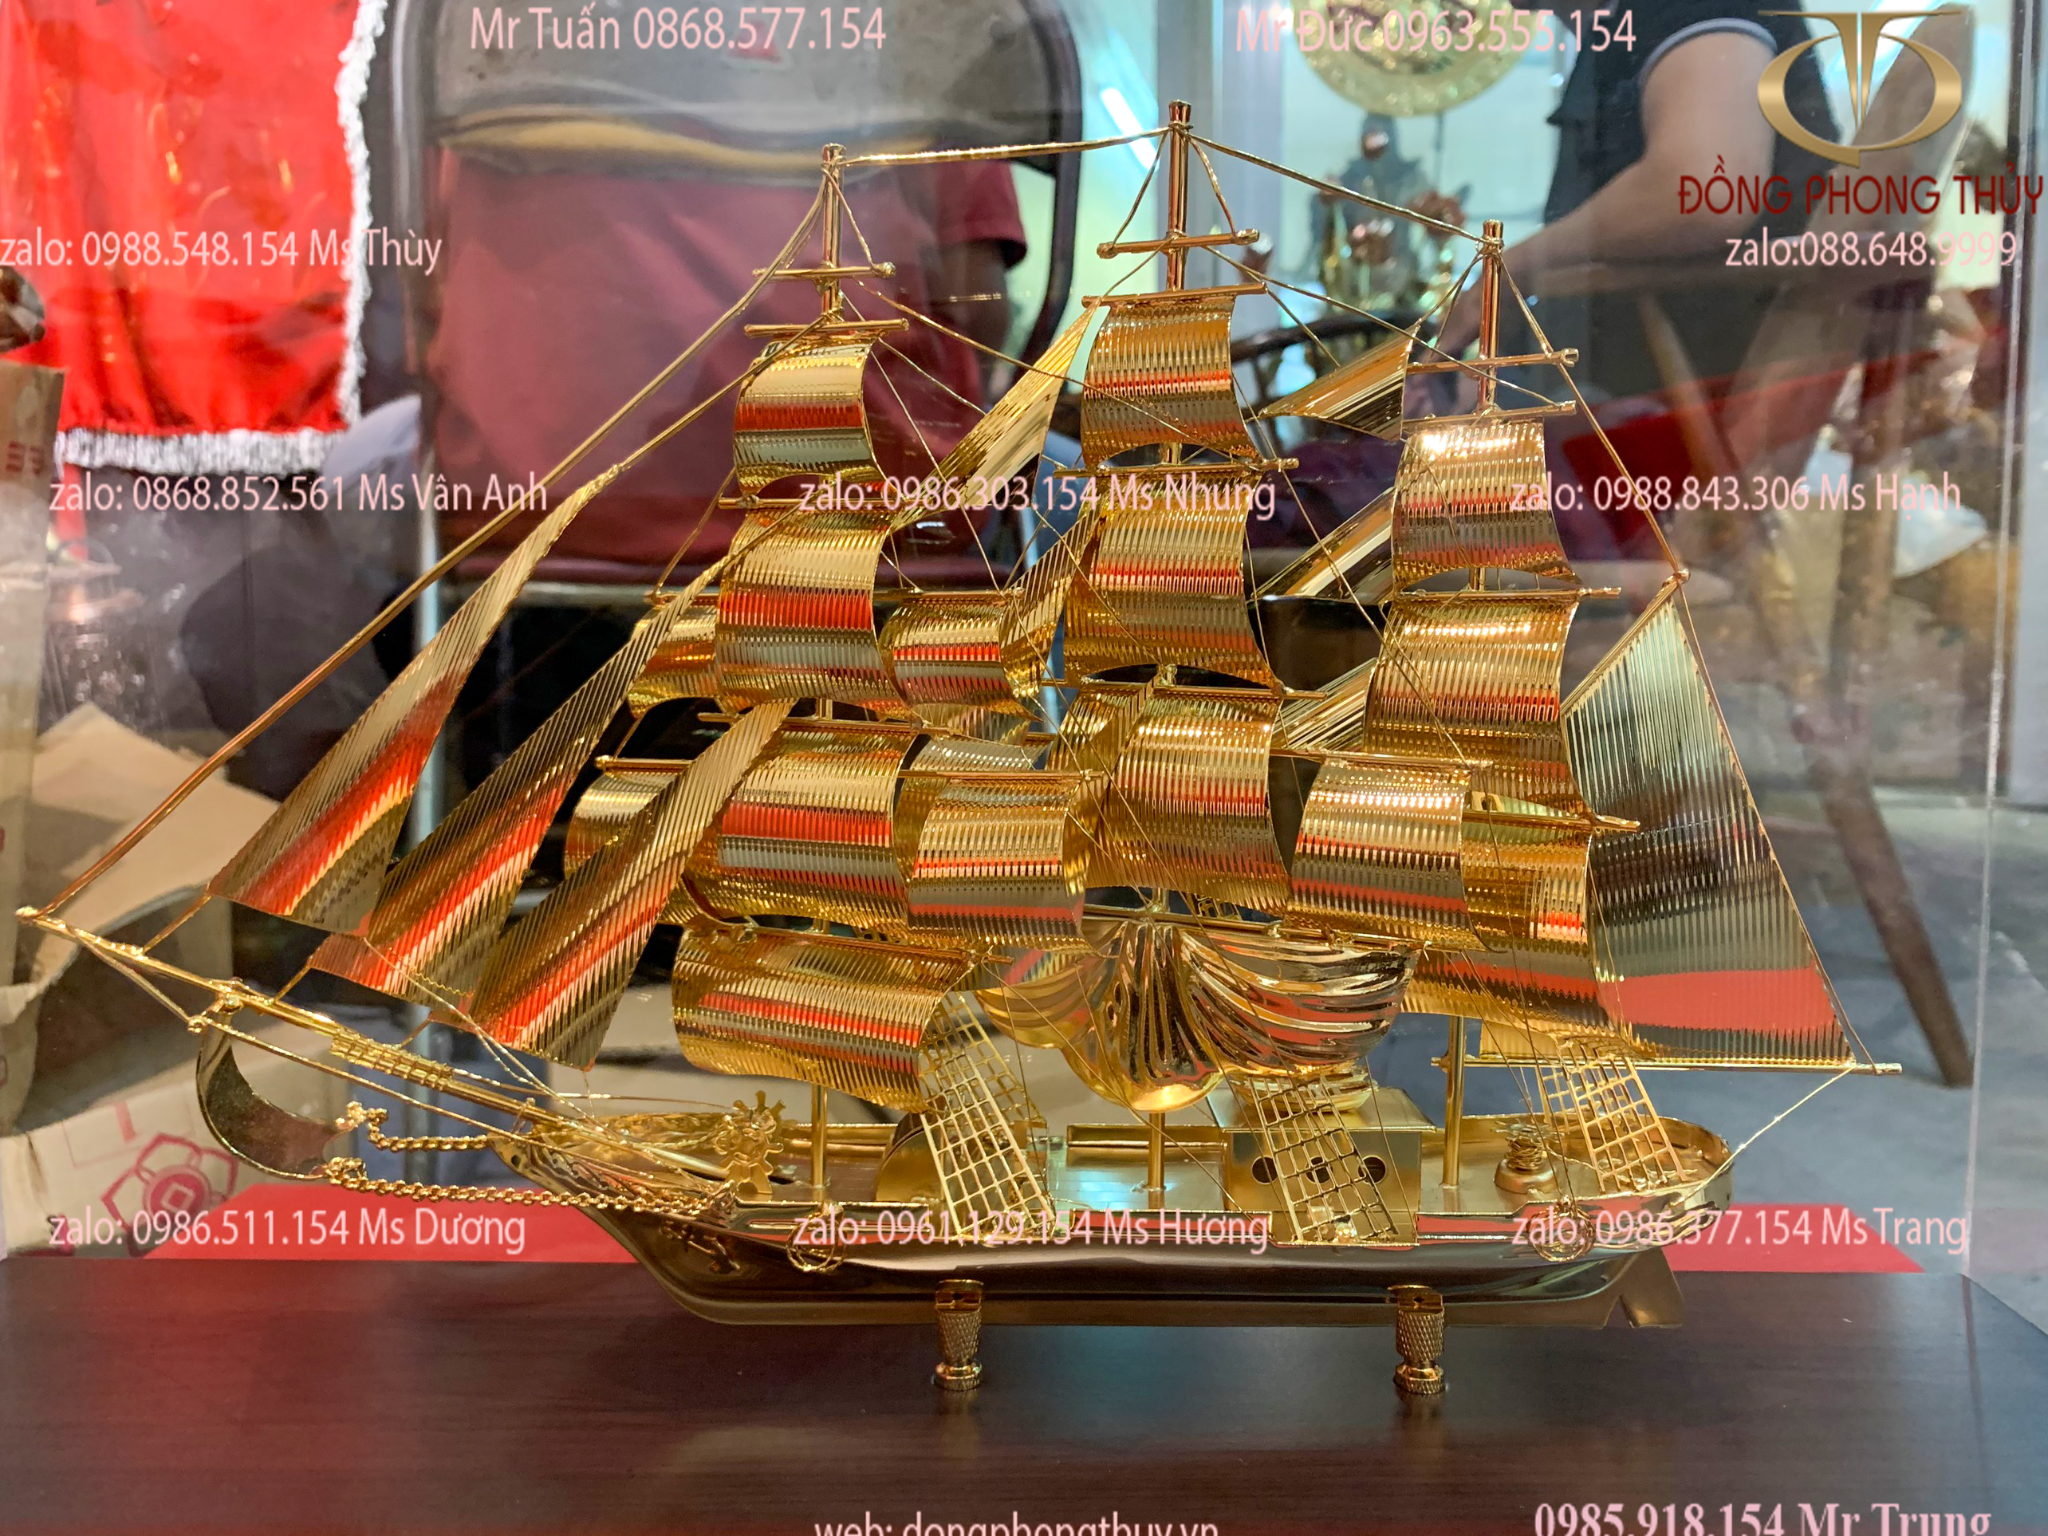 Quà tặng sếp mô hình thuyền buồm mạ vàng 24k